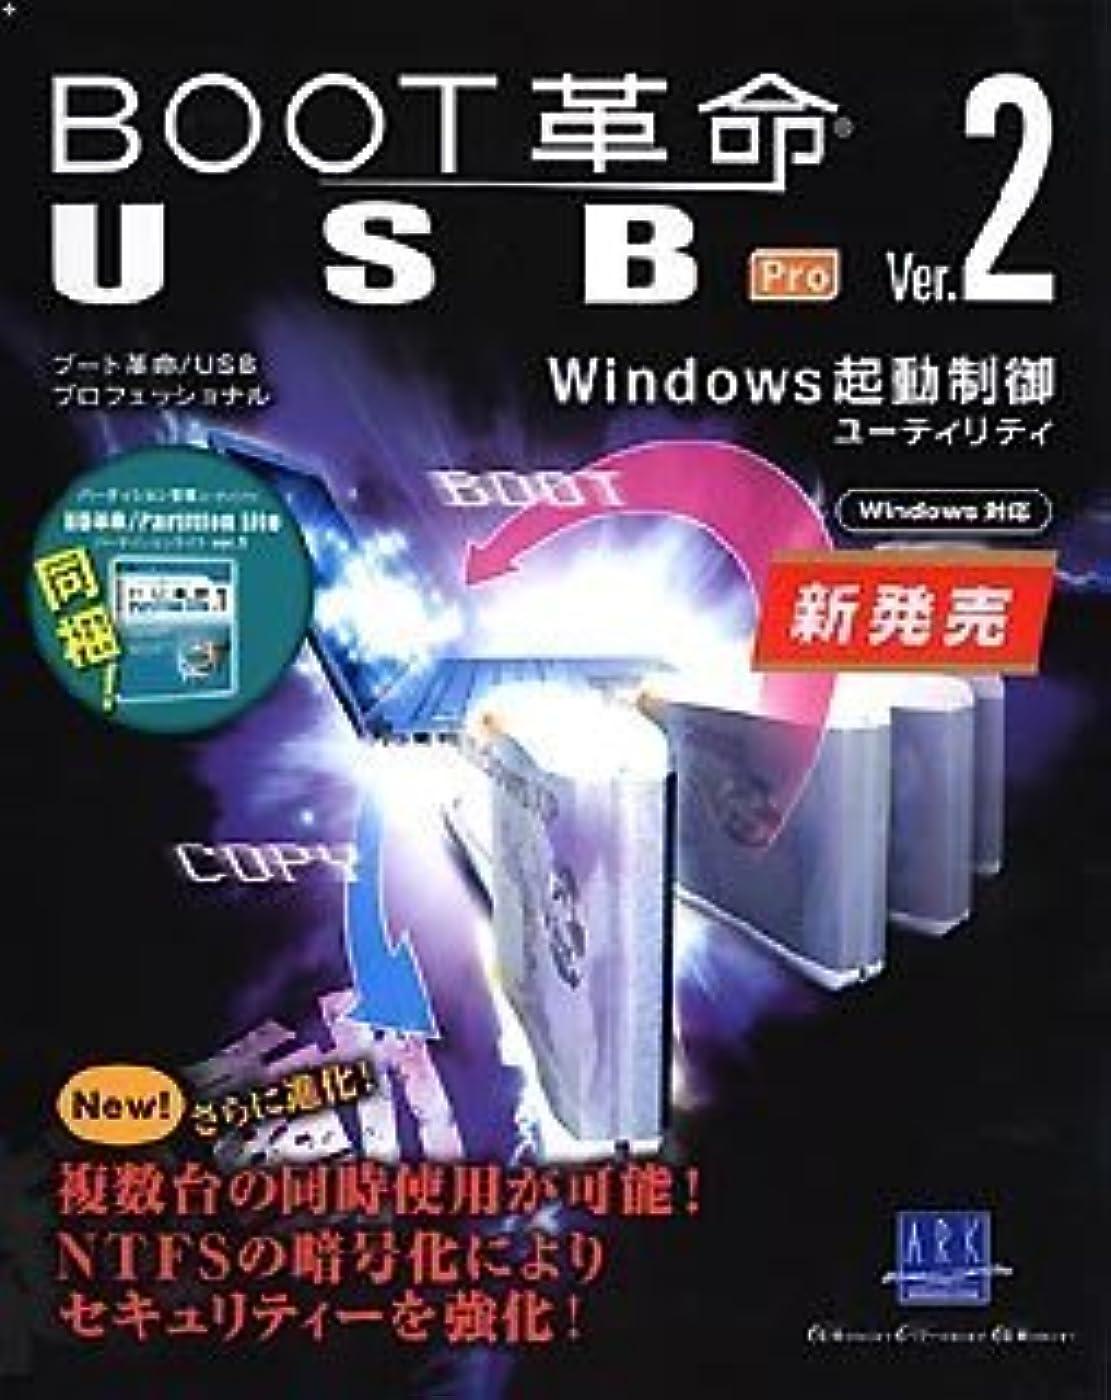 ロマンストレイル洞窟BOOT革命/USB Ver.2 Pro